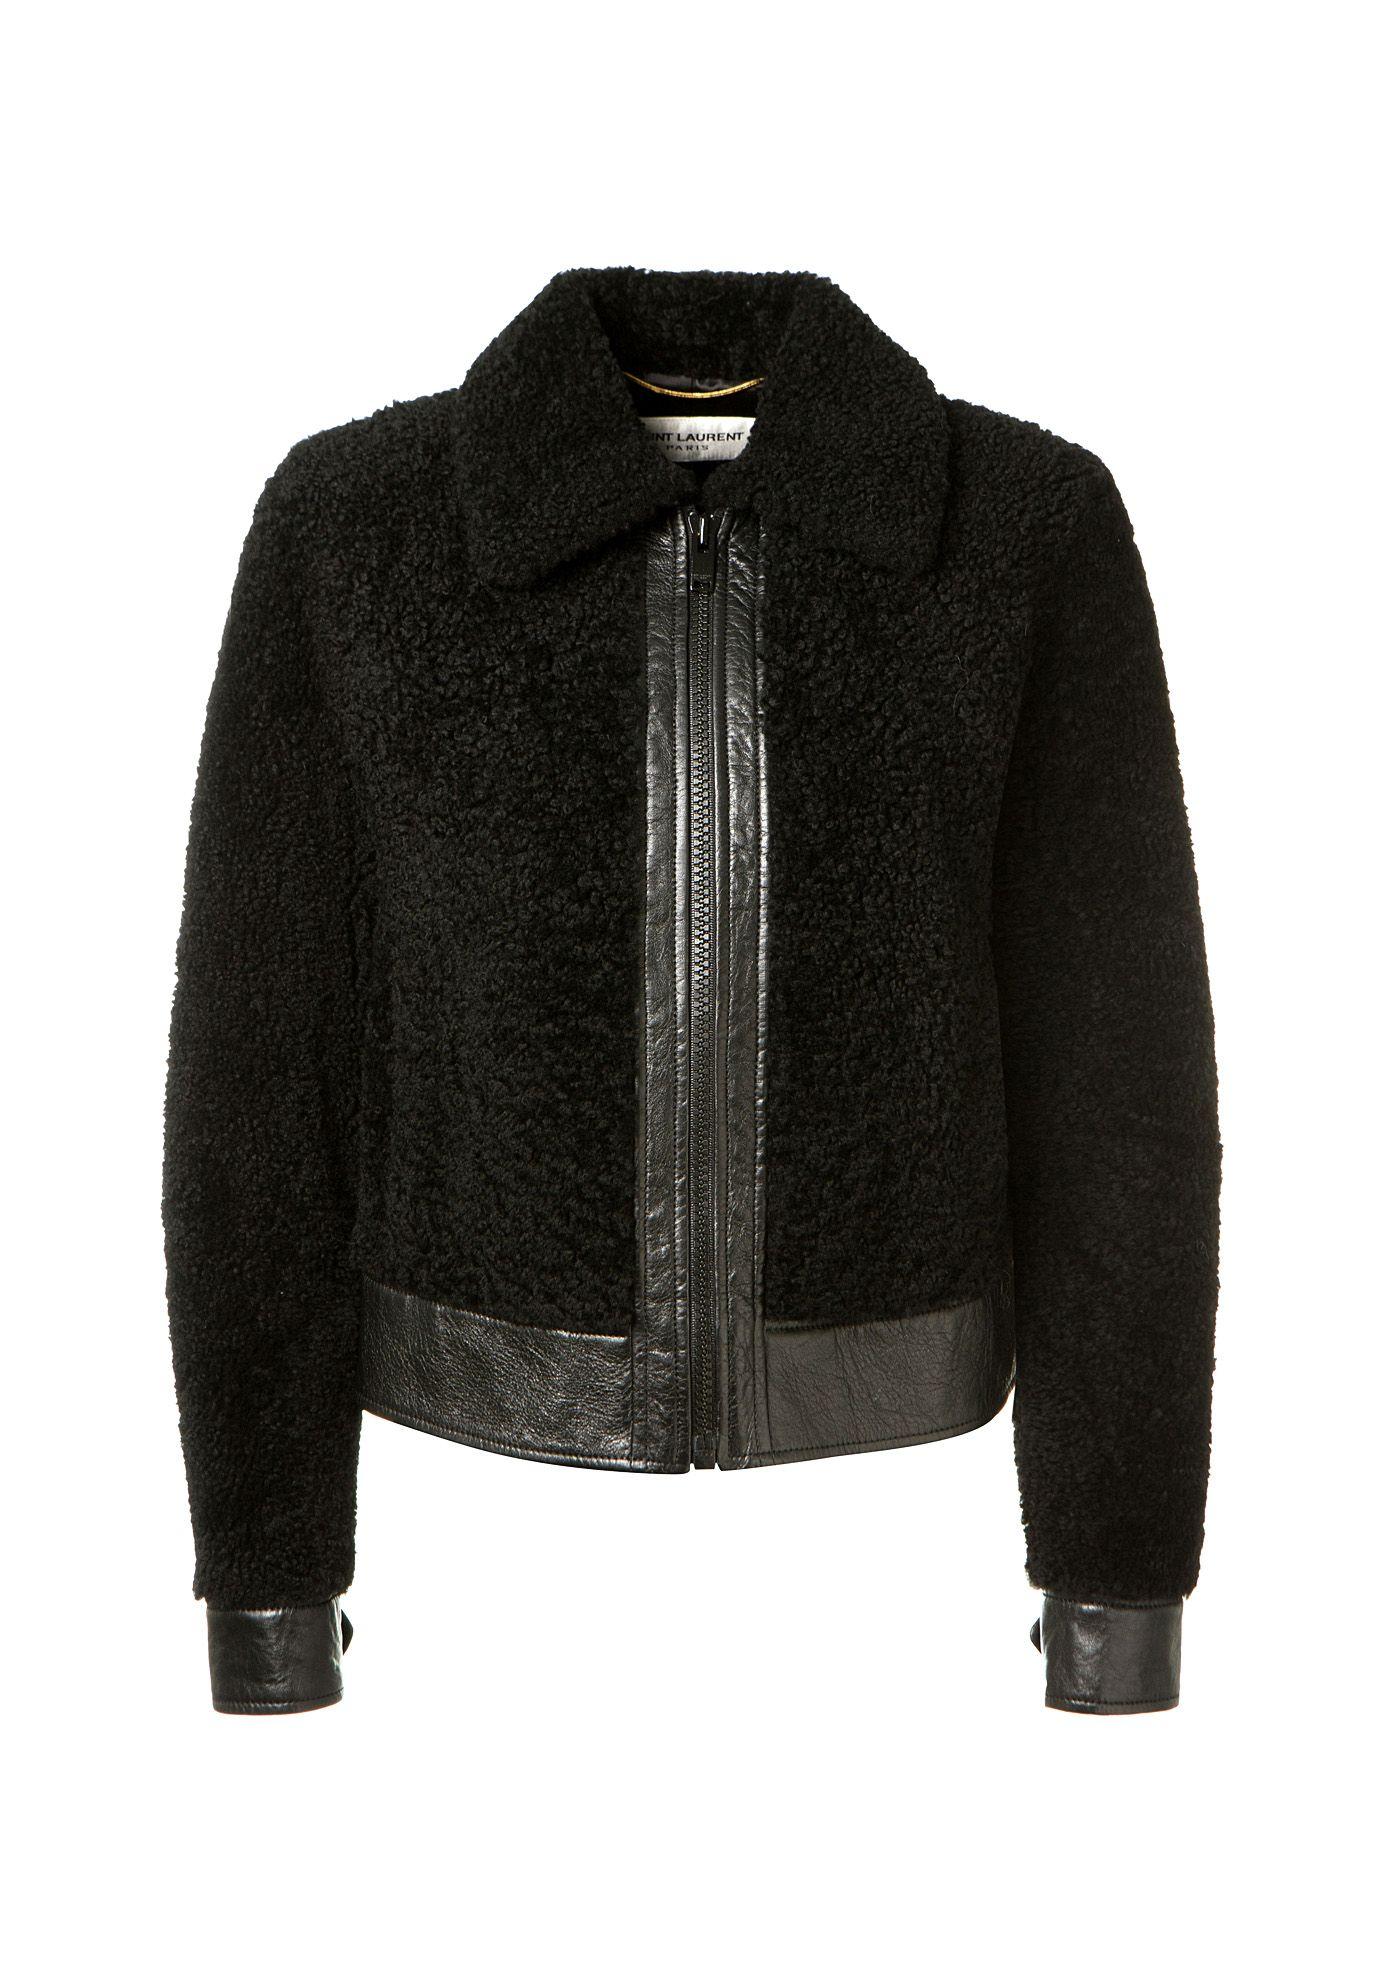 Saint Laurent Jackets Saint Laurent black shearling